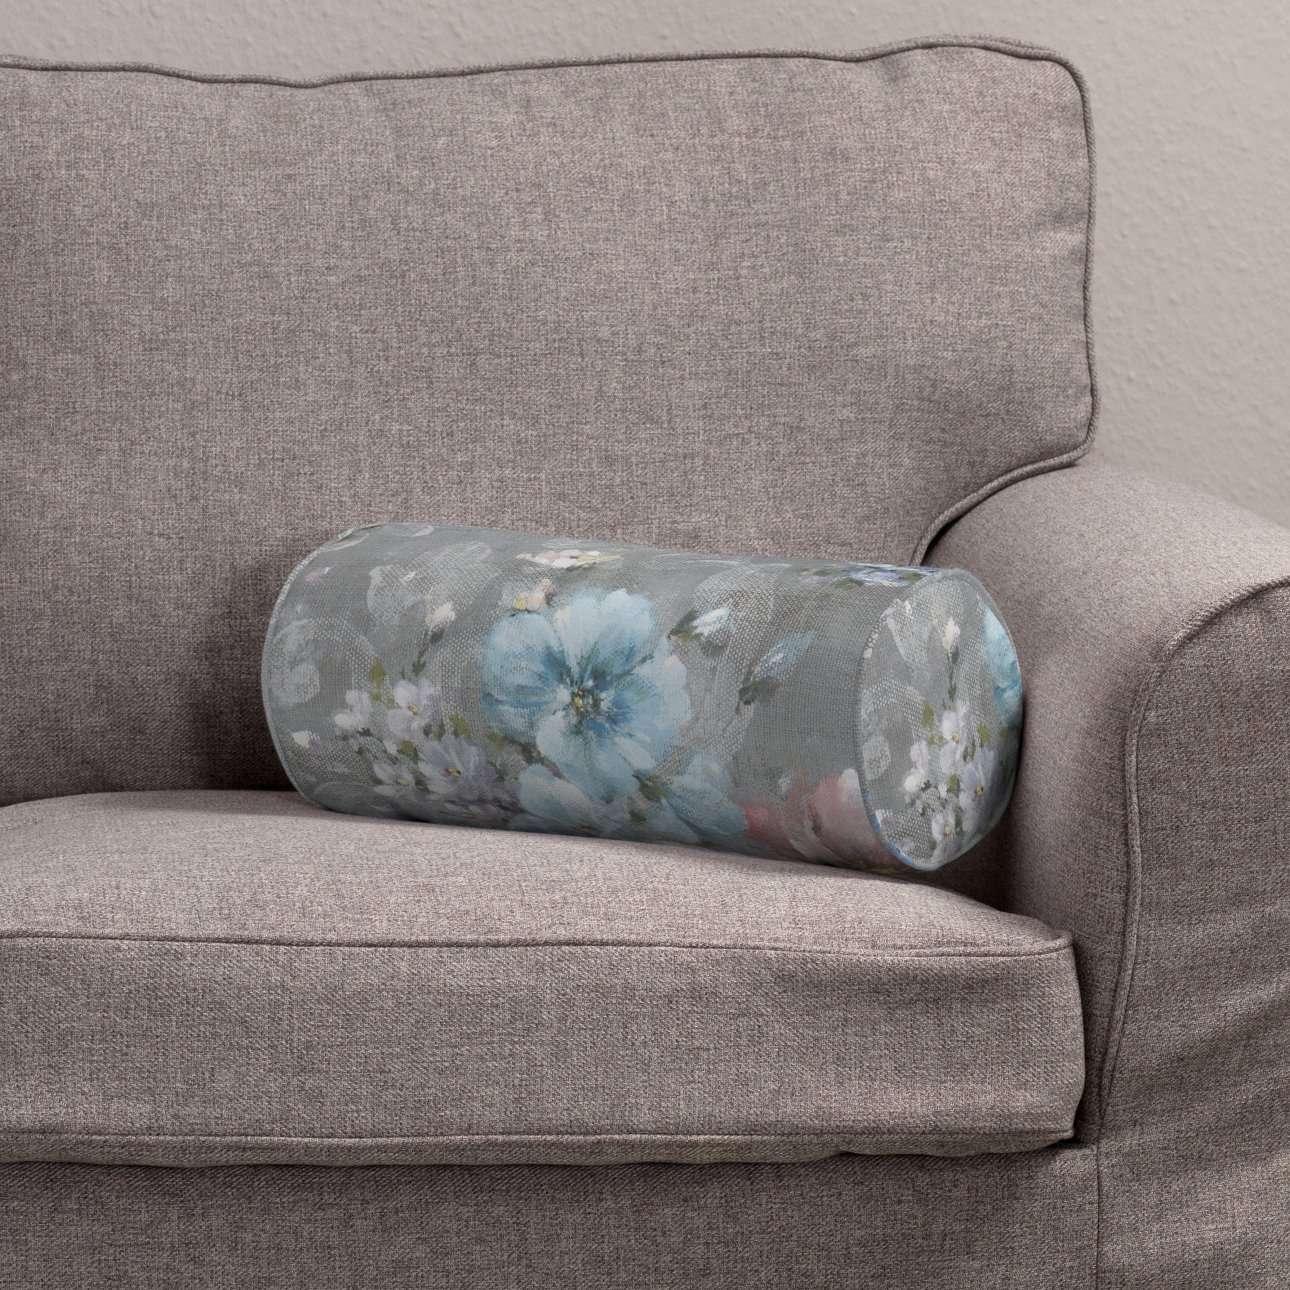 Wałek prosty Ø 16 x 40 cm w kolekcji Monet, tkanina: 137-81